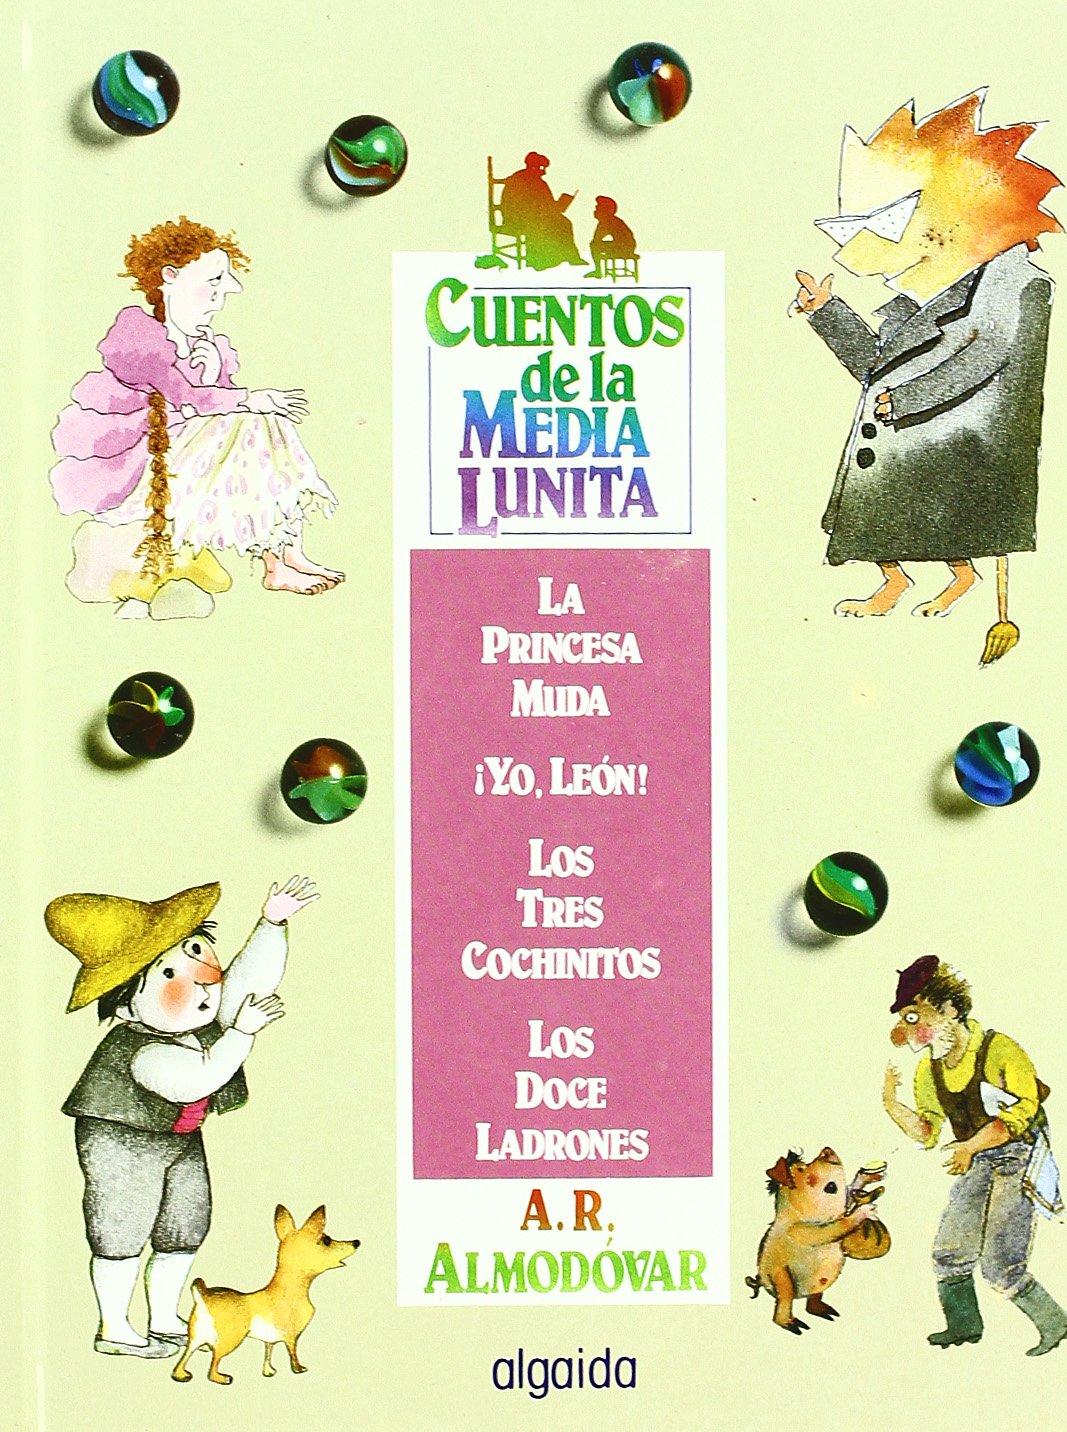 Cuentos de la media lunita volumen 2: Volumen II (del 5 al 8) (Infantil - Juvenil - Cuentos De La Media Lunita - Volúmenes En Cartoné)